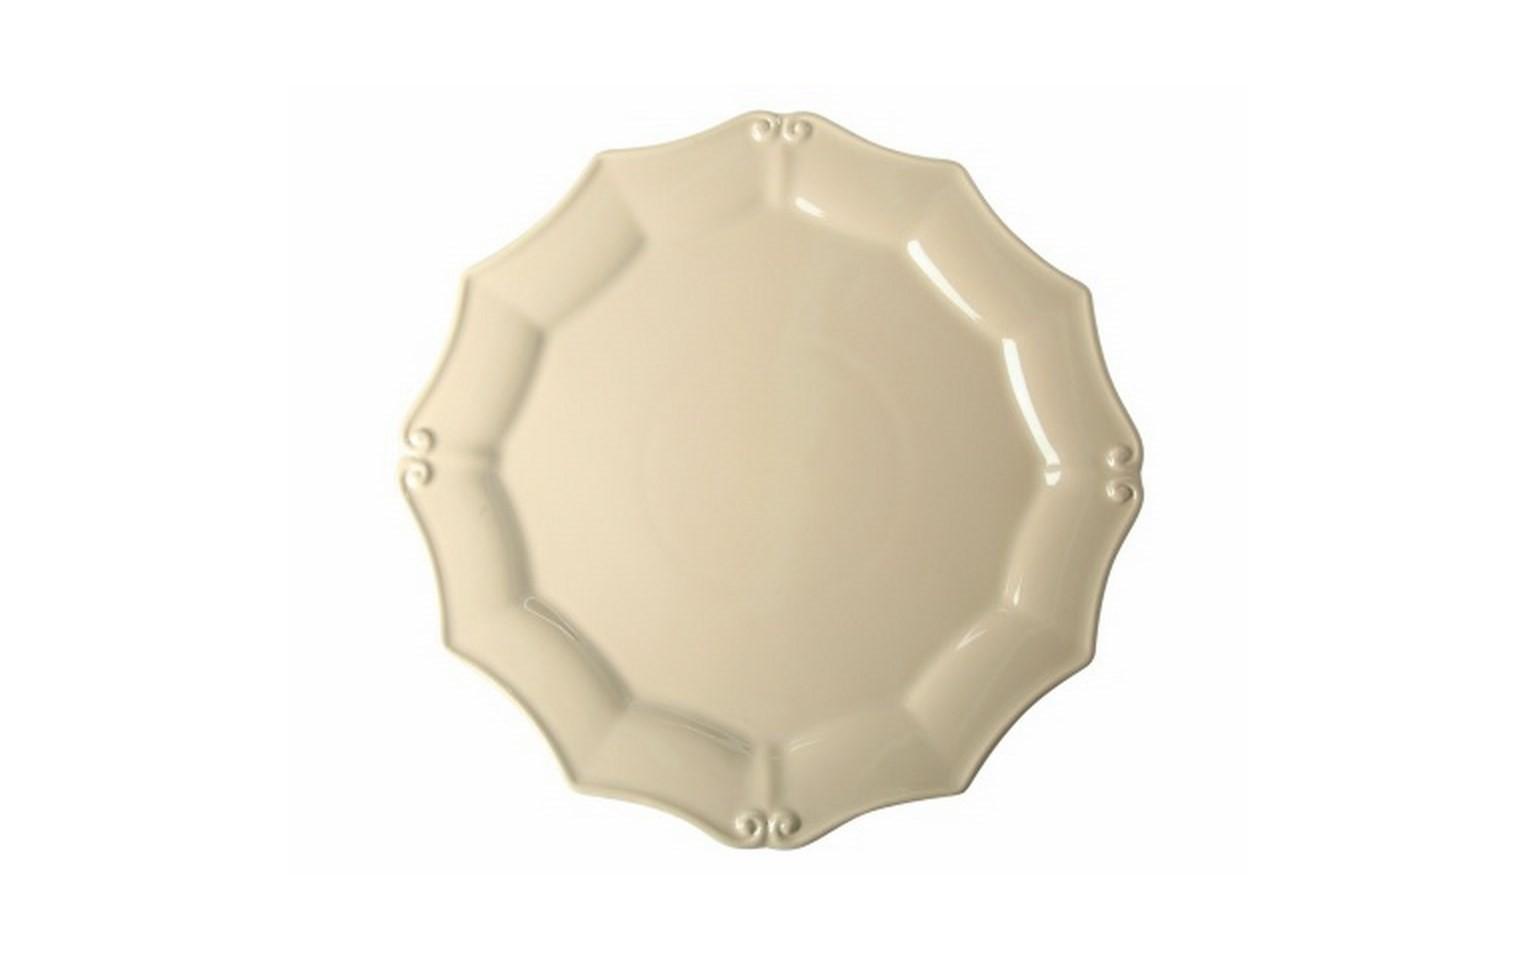 ТарелкаТарелки<br>Costa Nova (Португалия) – керамическая посуда из самого сердца Португалии. Керамическая посуда Costa Nova абсолютно устойчива к мытью, даже в посудомоечной машине, ее вполне можно использовать для замораживания продуктов и в микроволновой печи, при этом можно не бояться повредить эту великолепную глазурь и свежие краски. Такую посуду легко мыть, при ее очистке можно использовать металлические губки – и все это благодаря прочному глазурованному покрытию. Все серии посуды от Costa Nova отвечают международным стандартам качества. Керамическая посуда от Costa Nova не содержит такие вещества, как свинец и кадмий.<br><br>Material: Керамика